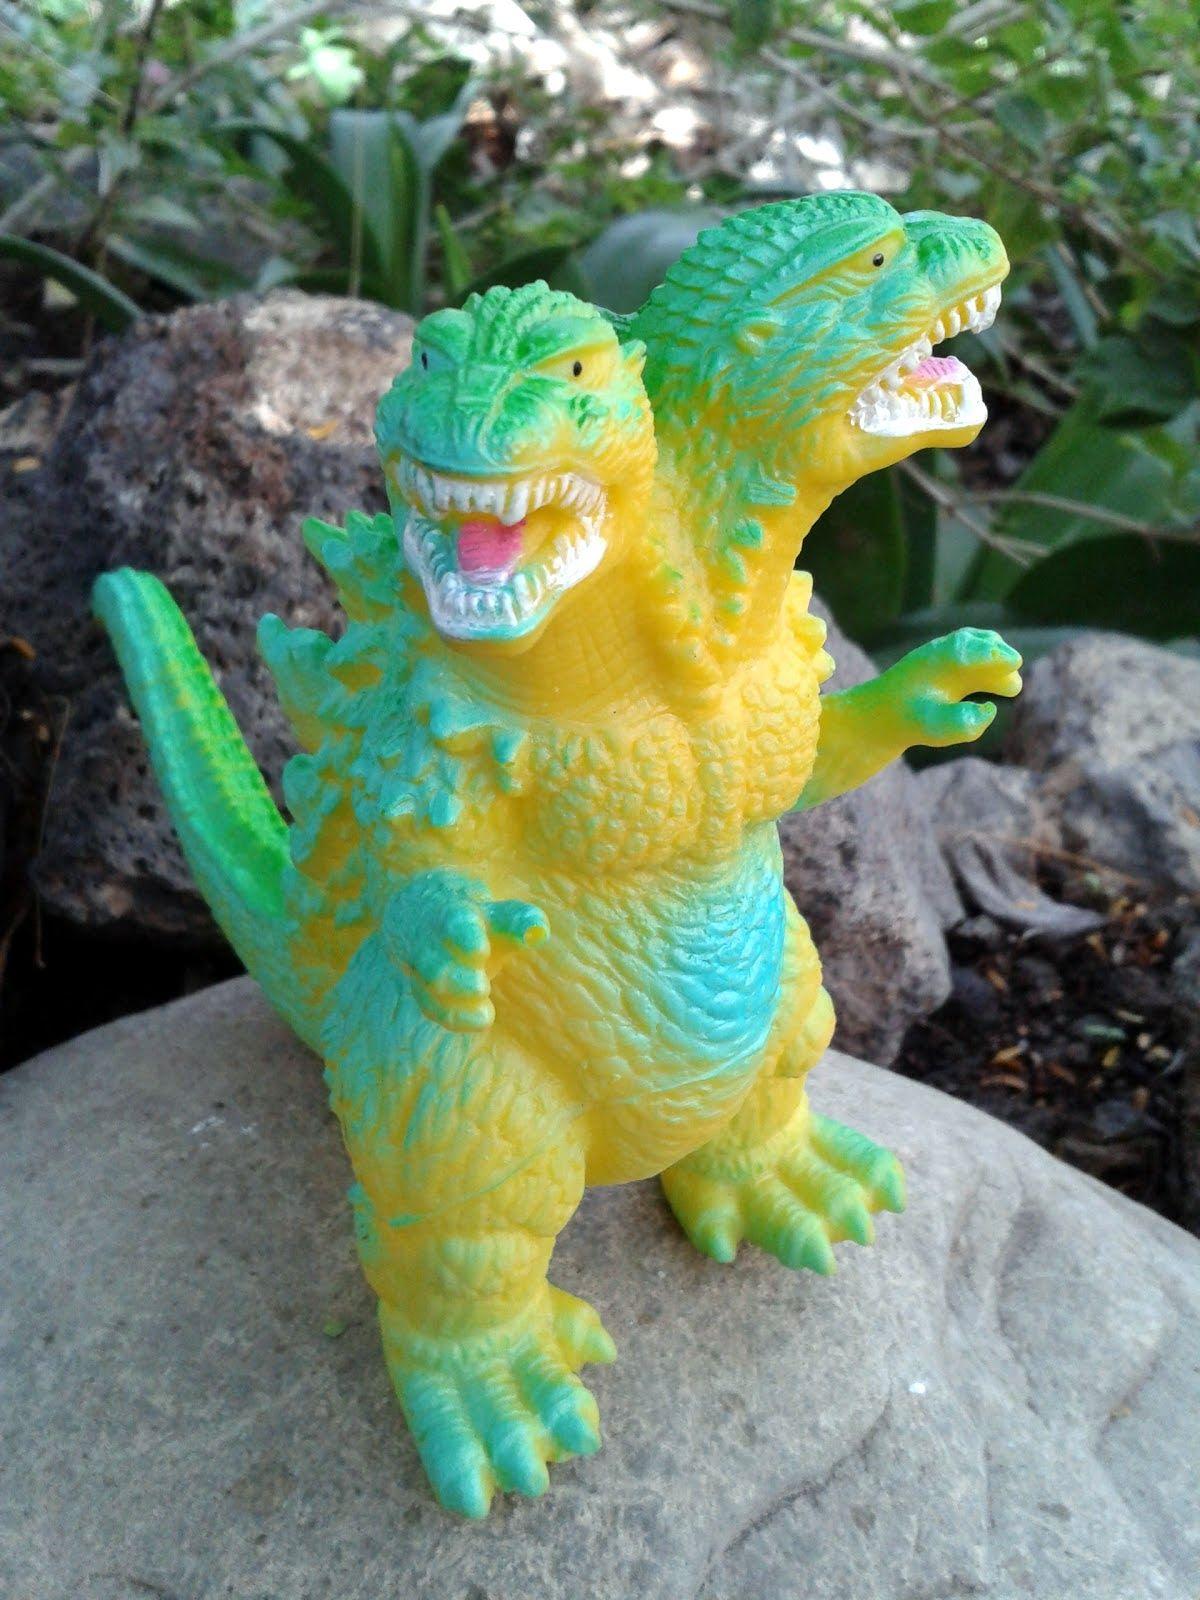 2 Headed Godzilla Bootleg Knock Off Bootleg Toys Godzilla Toys Art Toy